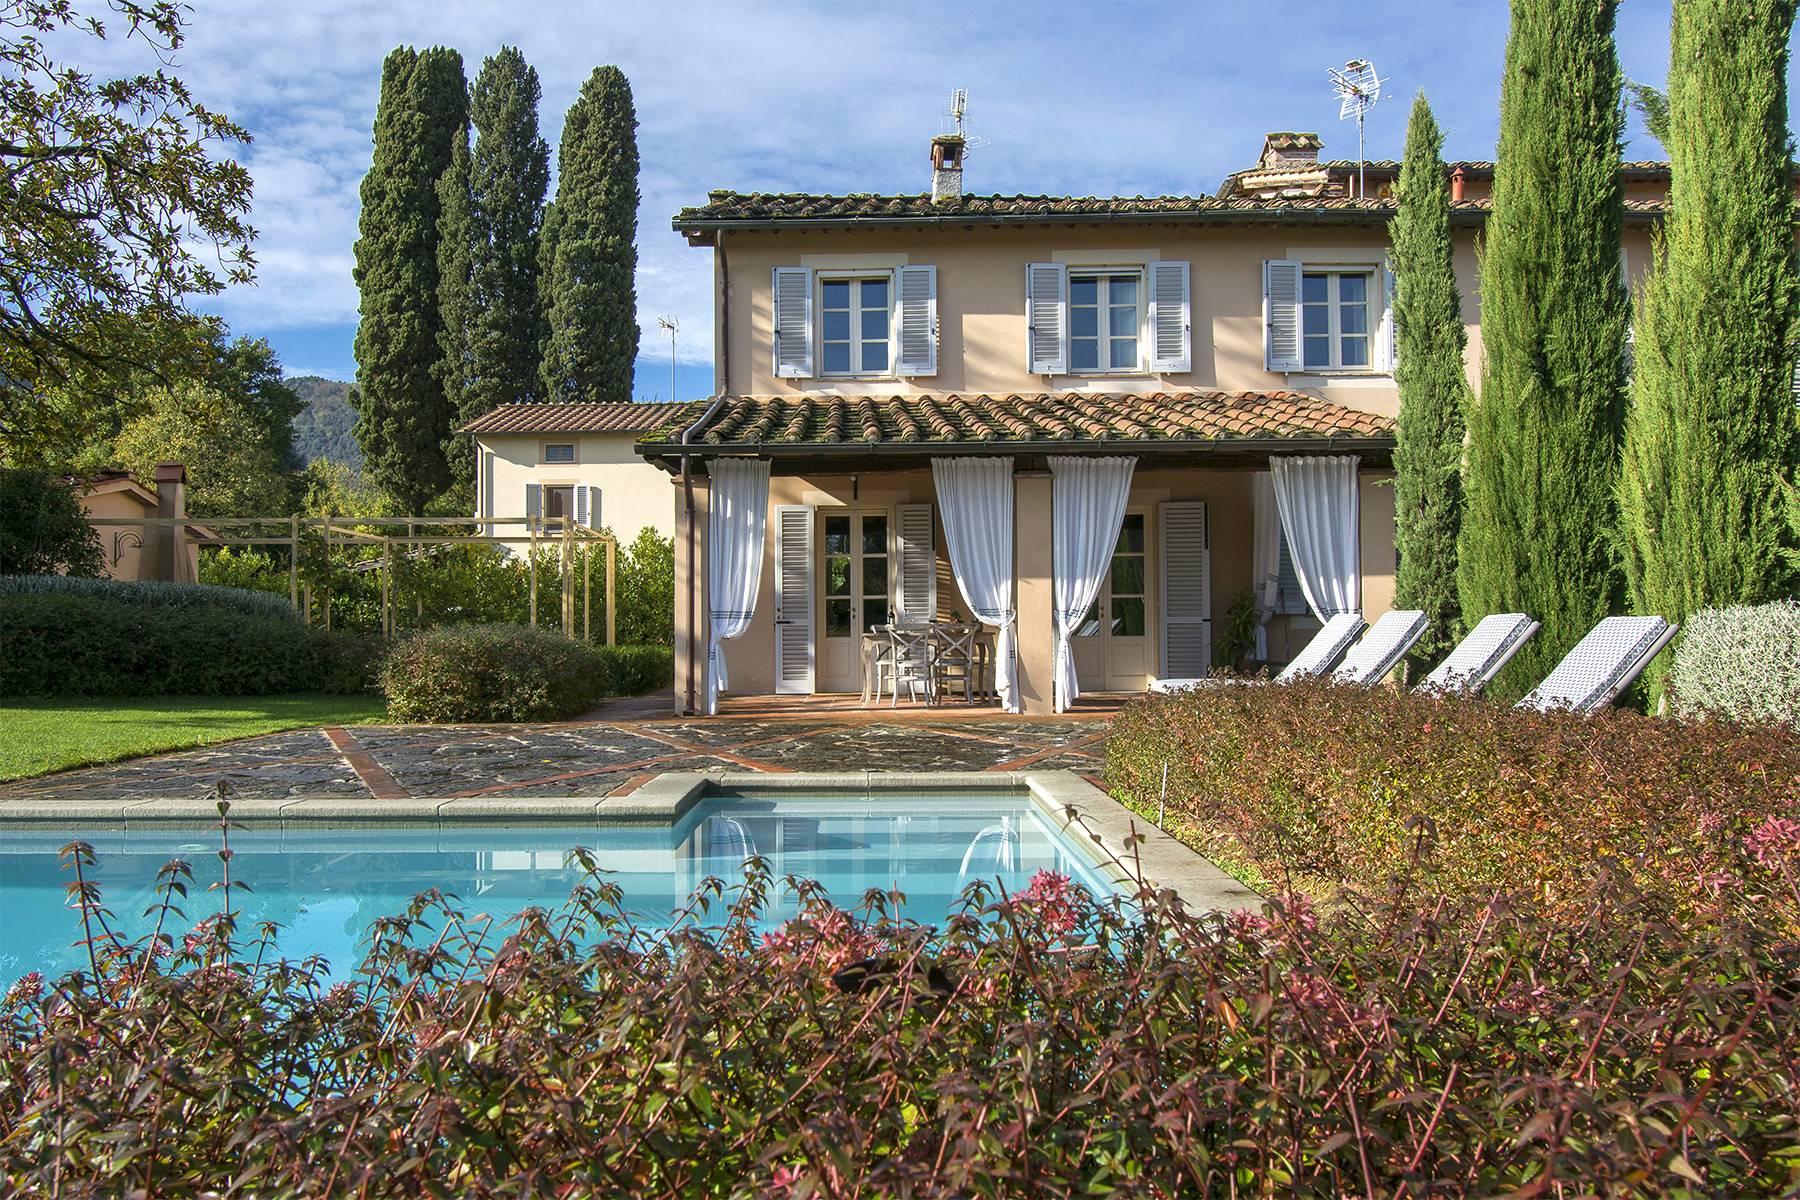 Casa indipendente in Vendita a Lucca: 5 locali, 130 mq - Foto 2